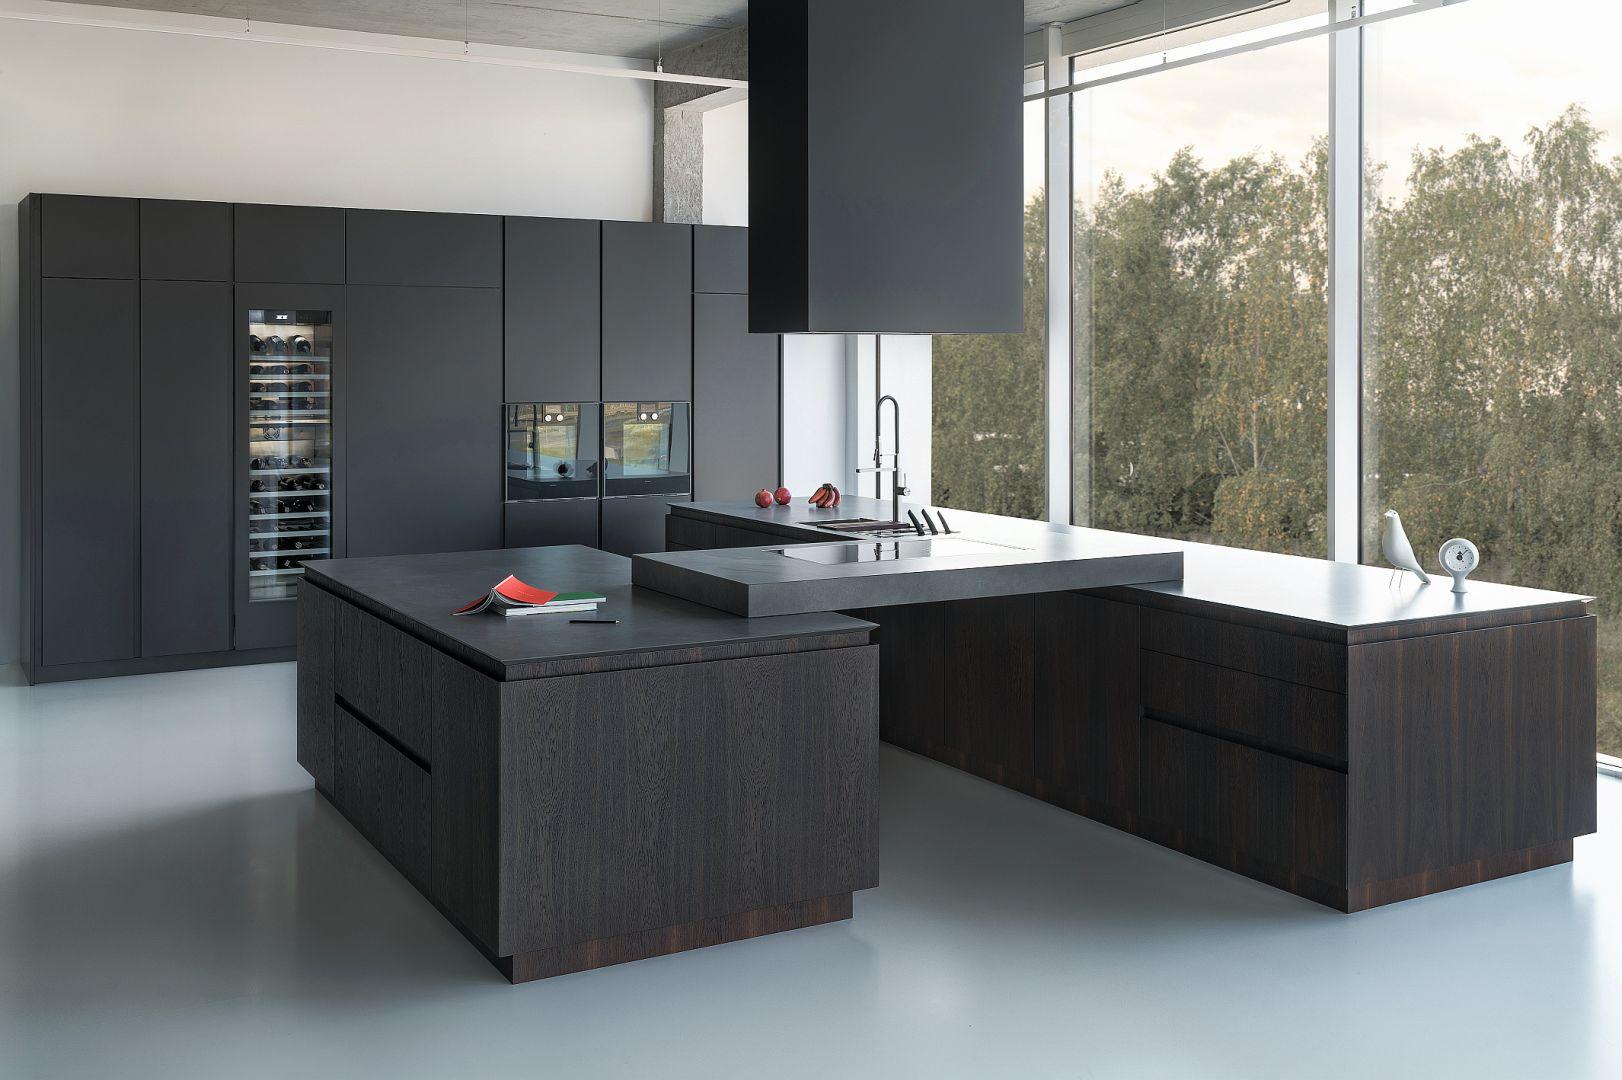 Z4 – luksusowo wykończony model, który świetnie wpasuje się w rozległą przestrzeń domu lub apartamentu. Fronty mebla pokryte zostały fornirem dąb wędzony, w którym główną rolę grają subtelne odcienie drewna, dynamizujące wygląd kuchni. Fot. Zajc